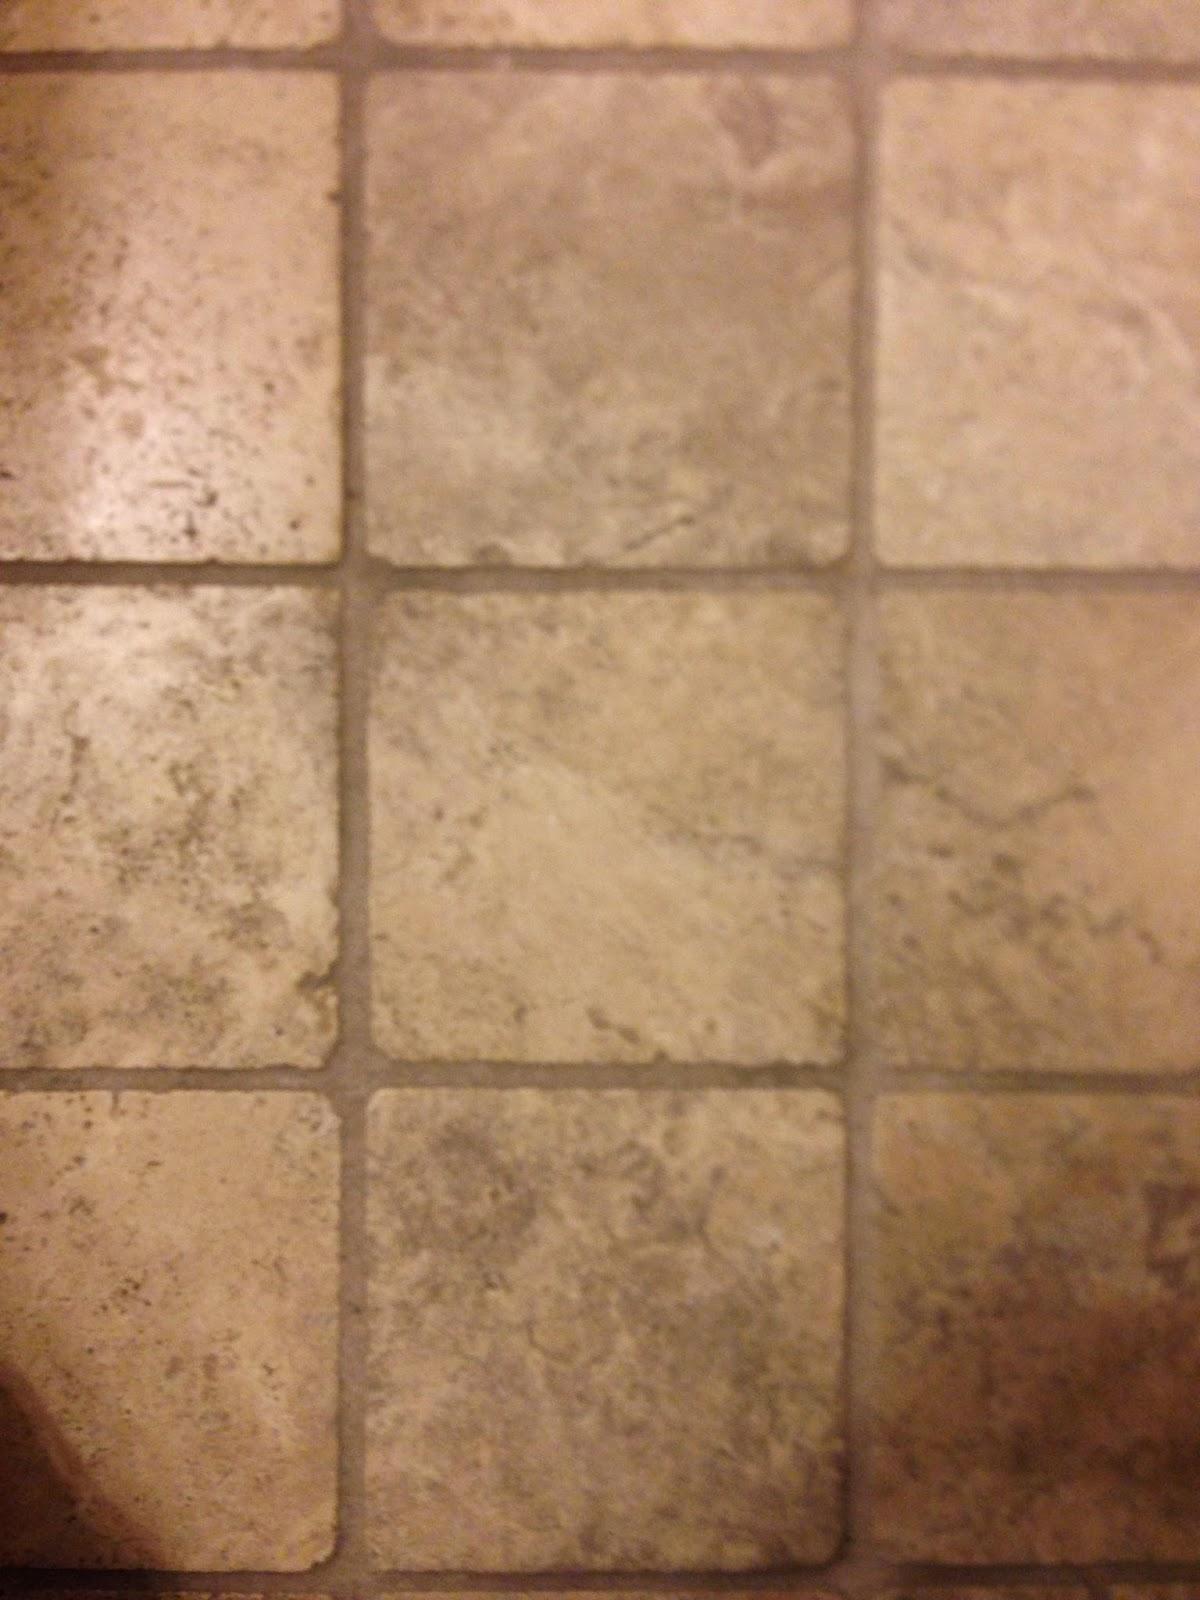 cara membersihkan kamar mandi bagian lantai